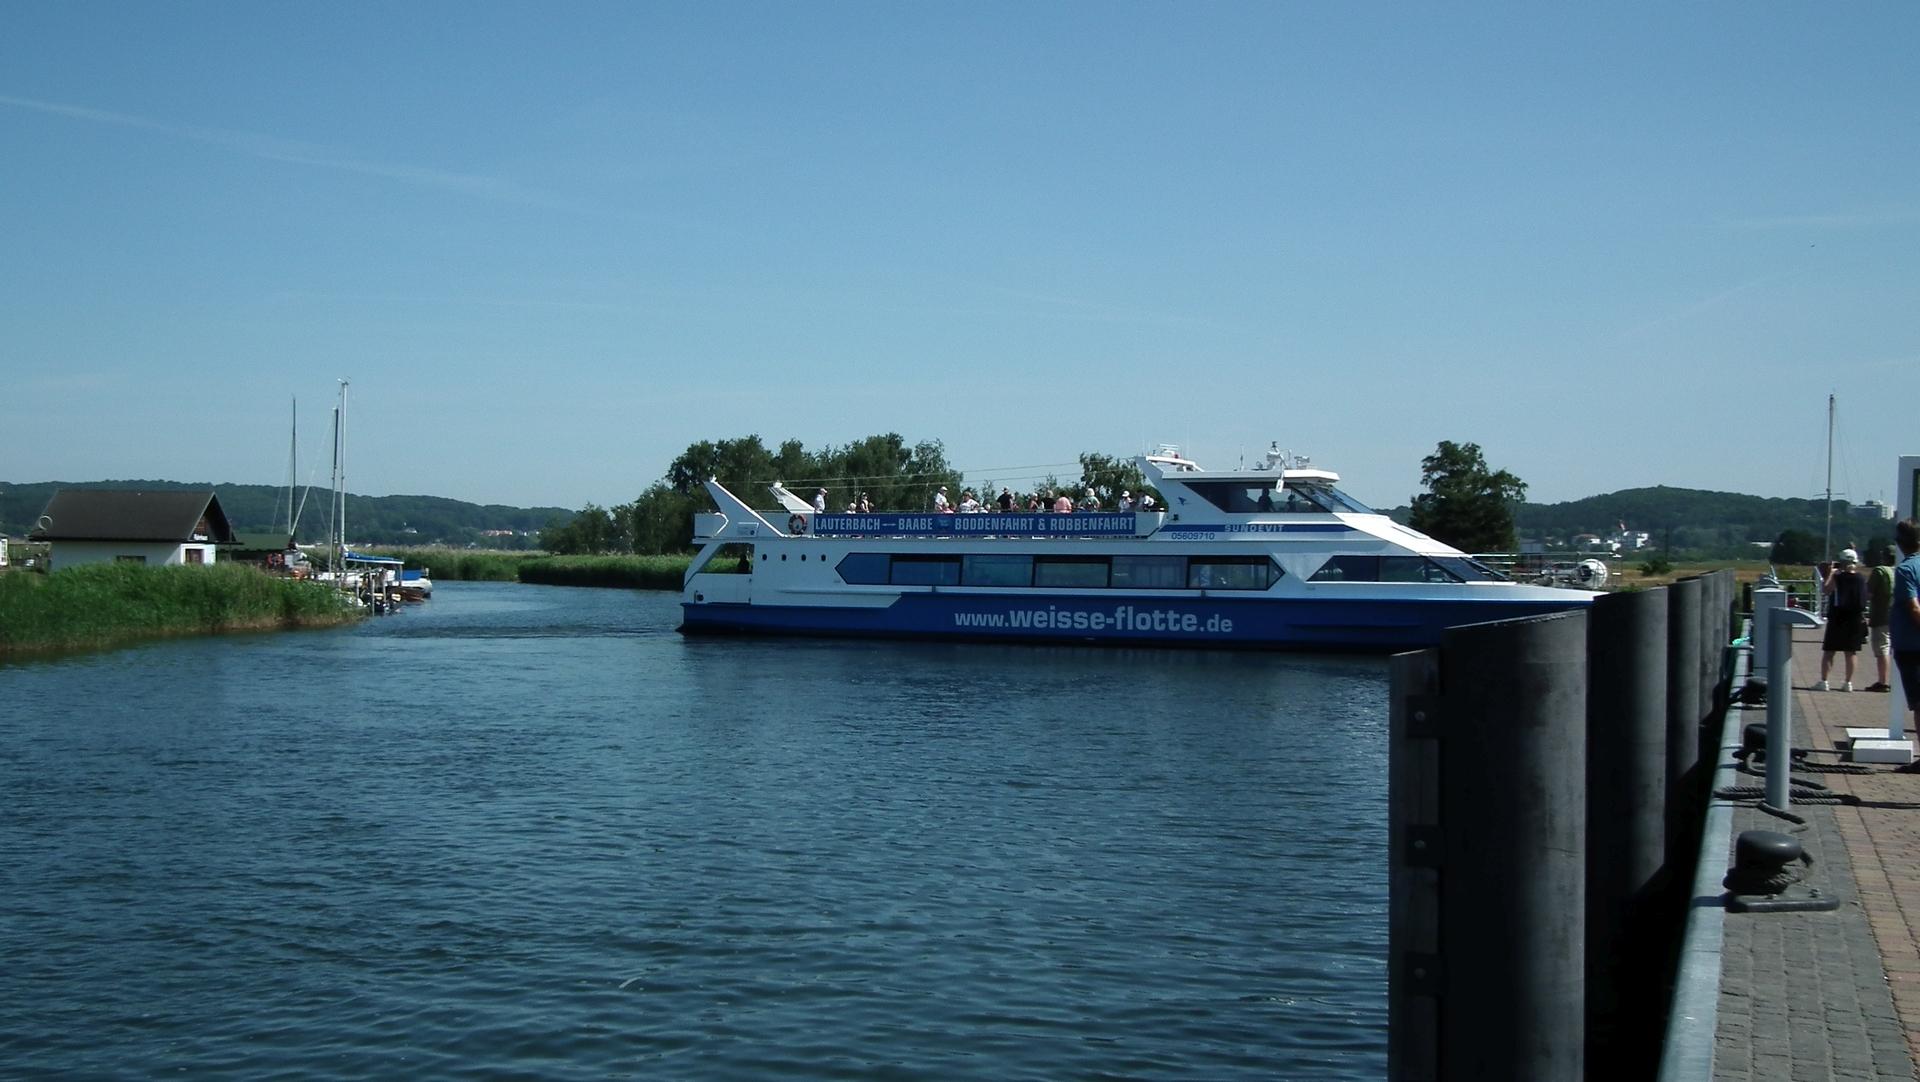 Fahrgastschiff Sellin der Weißen Flotte dreht im Hafen